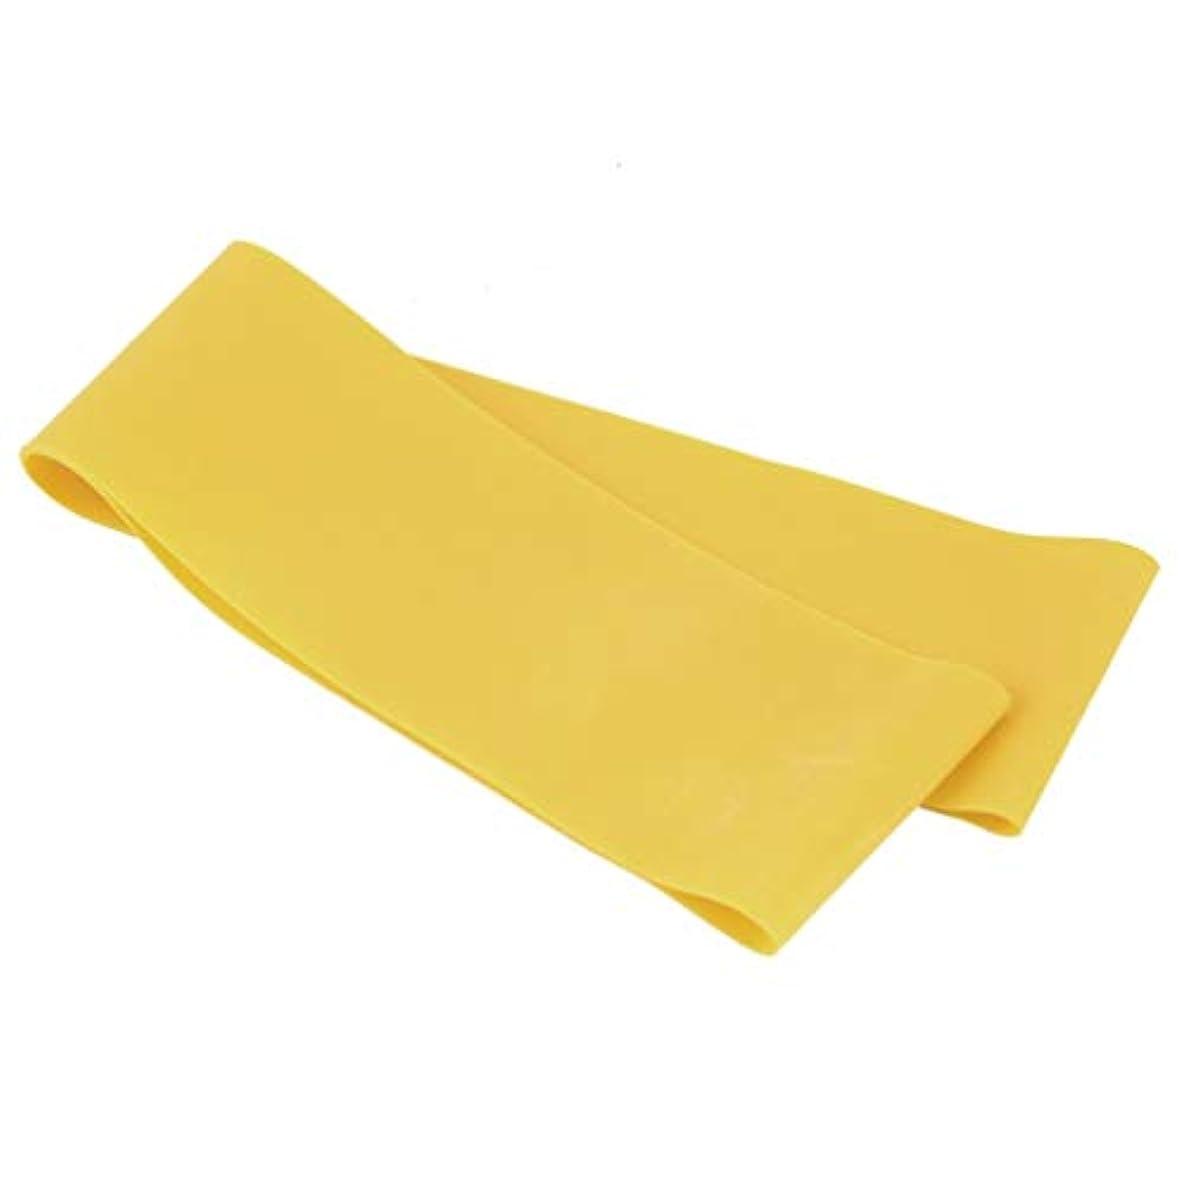 引用貸す返済滑り止めの伸縮性のあるゴム製伸縮性があるヨガのベルトバンド引きロープの張力抵抗バンドループ強さのためのフィットネスヨガツール - 黄色